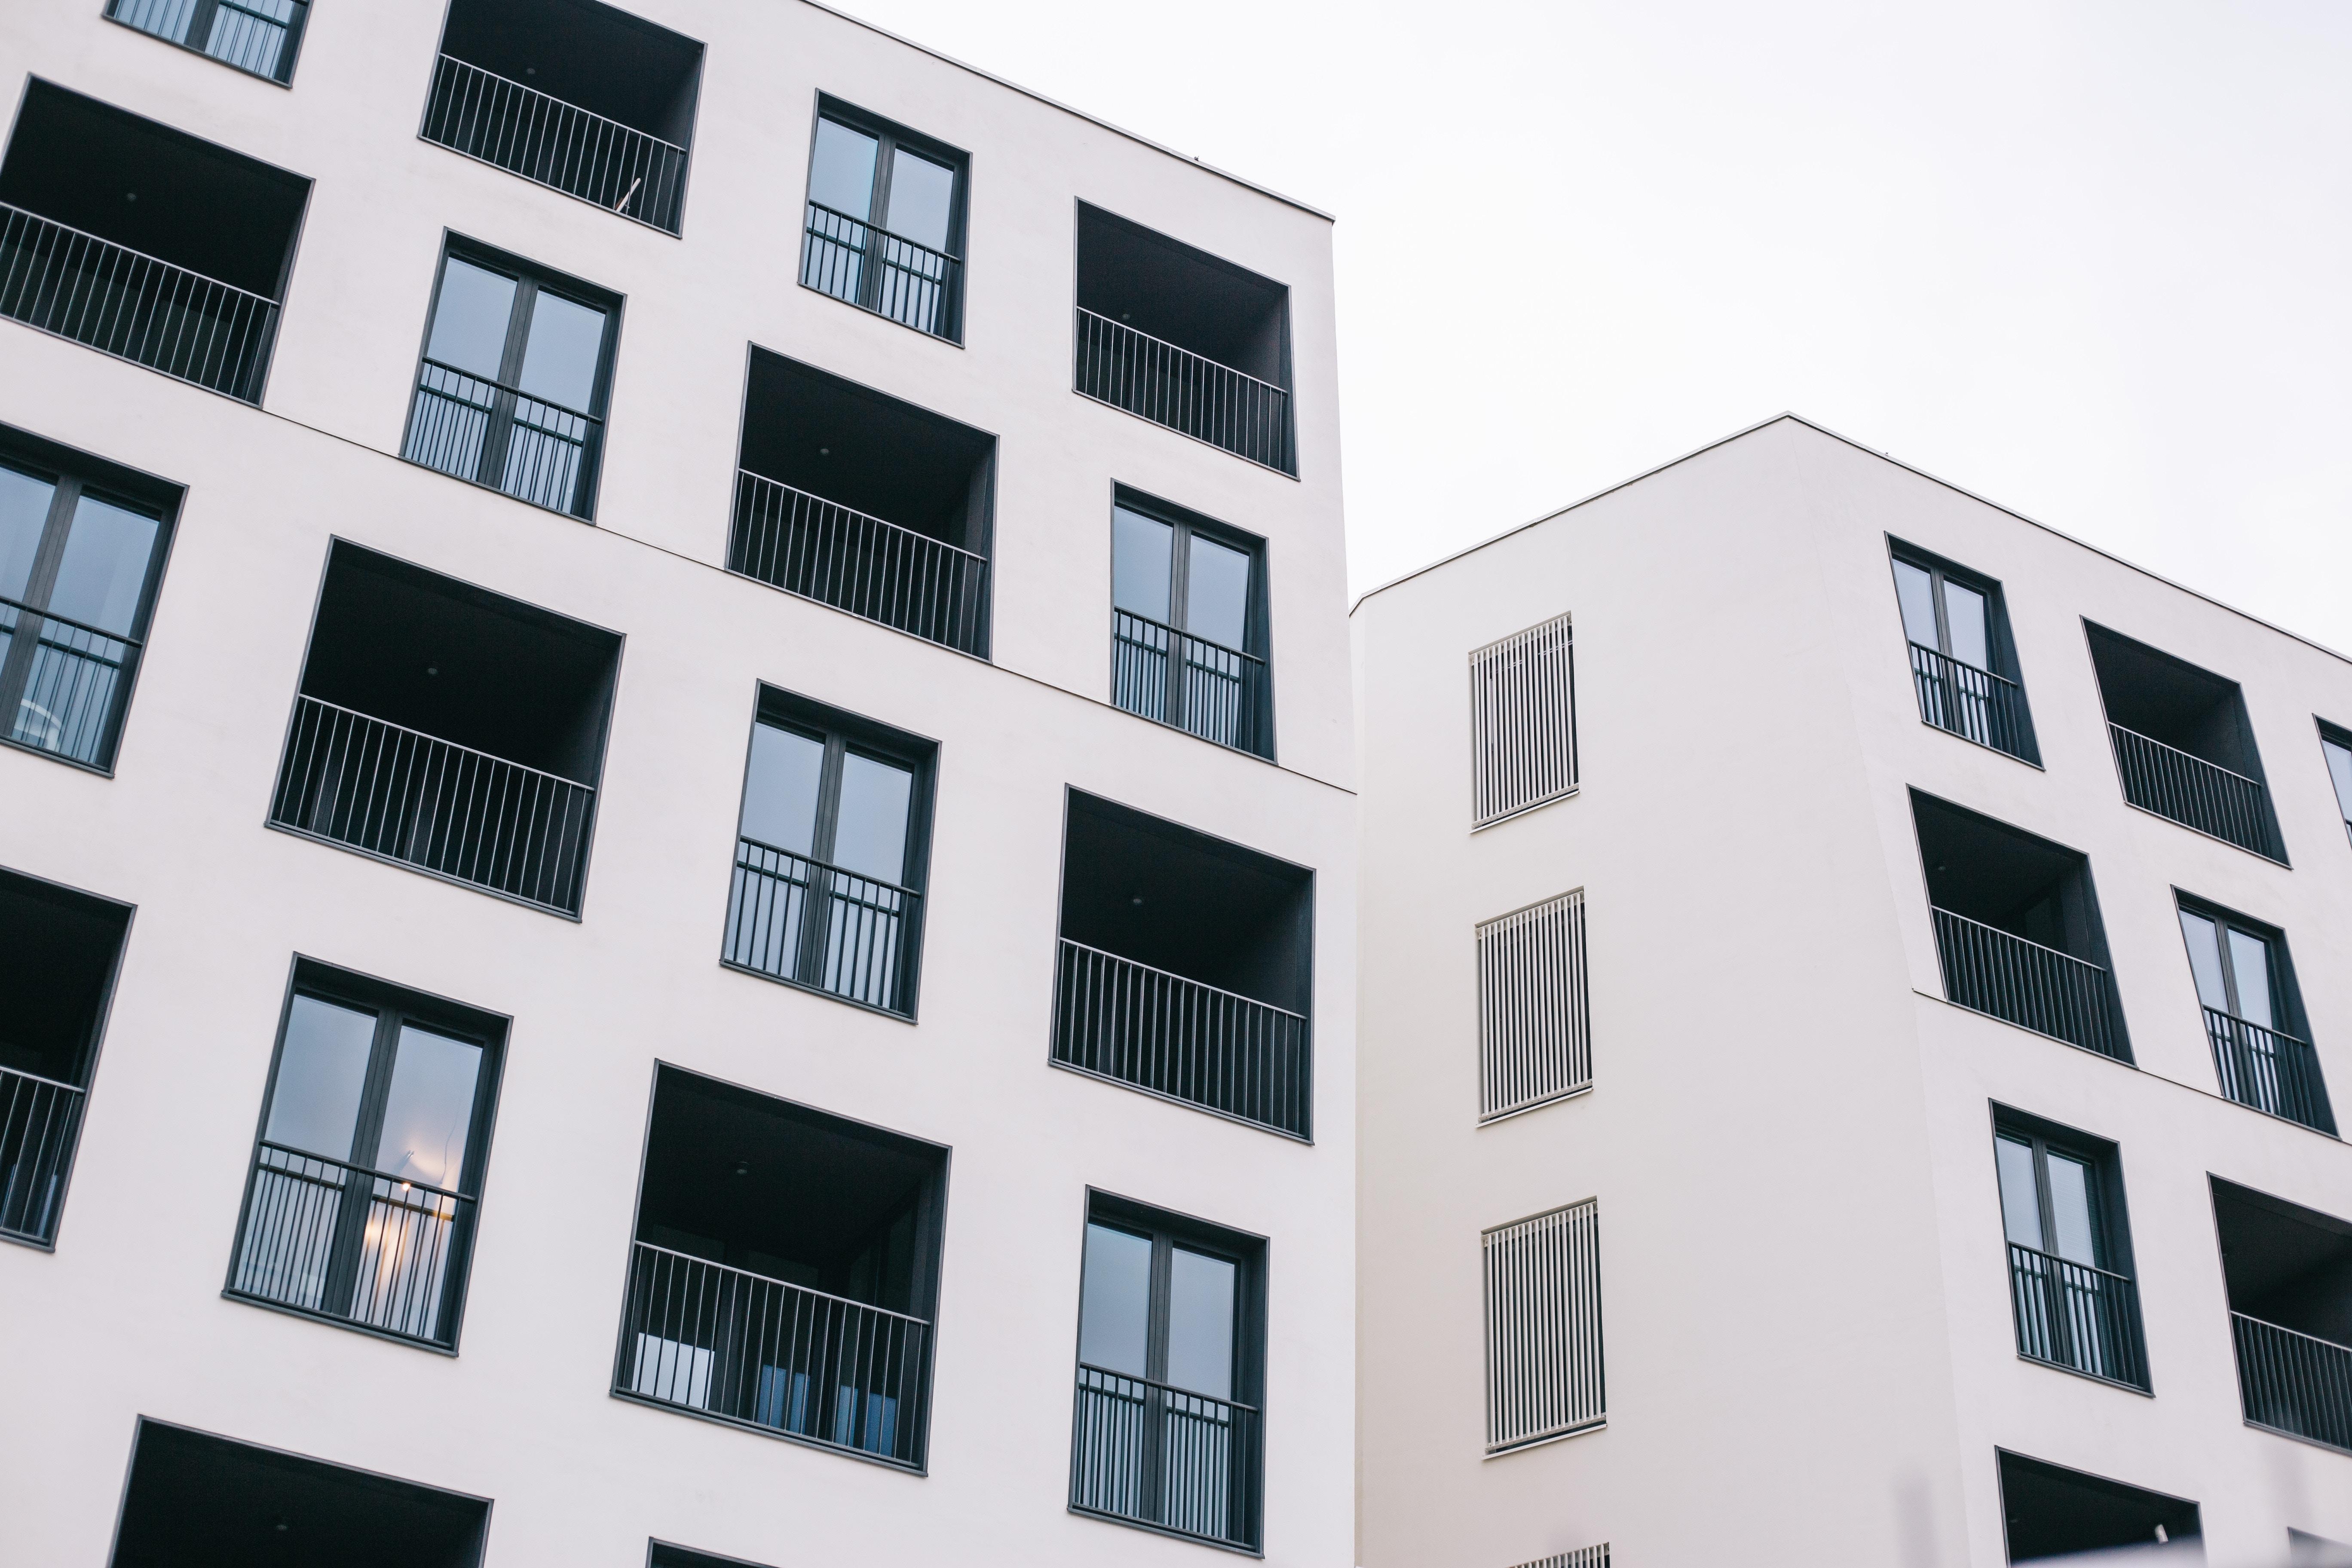 Wroclaw osiedle mieszkaniowe